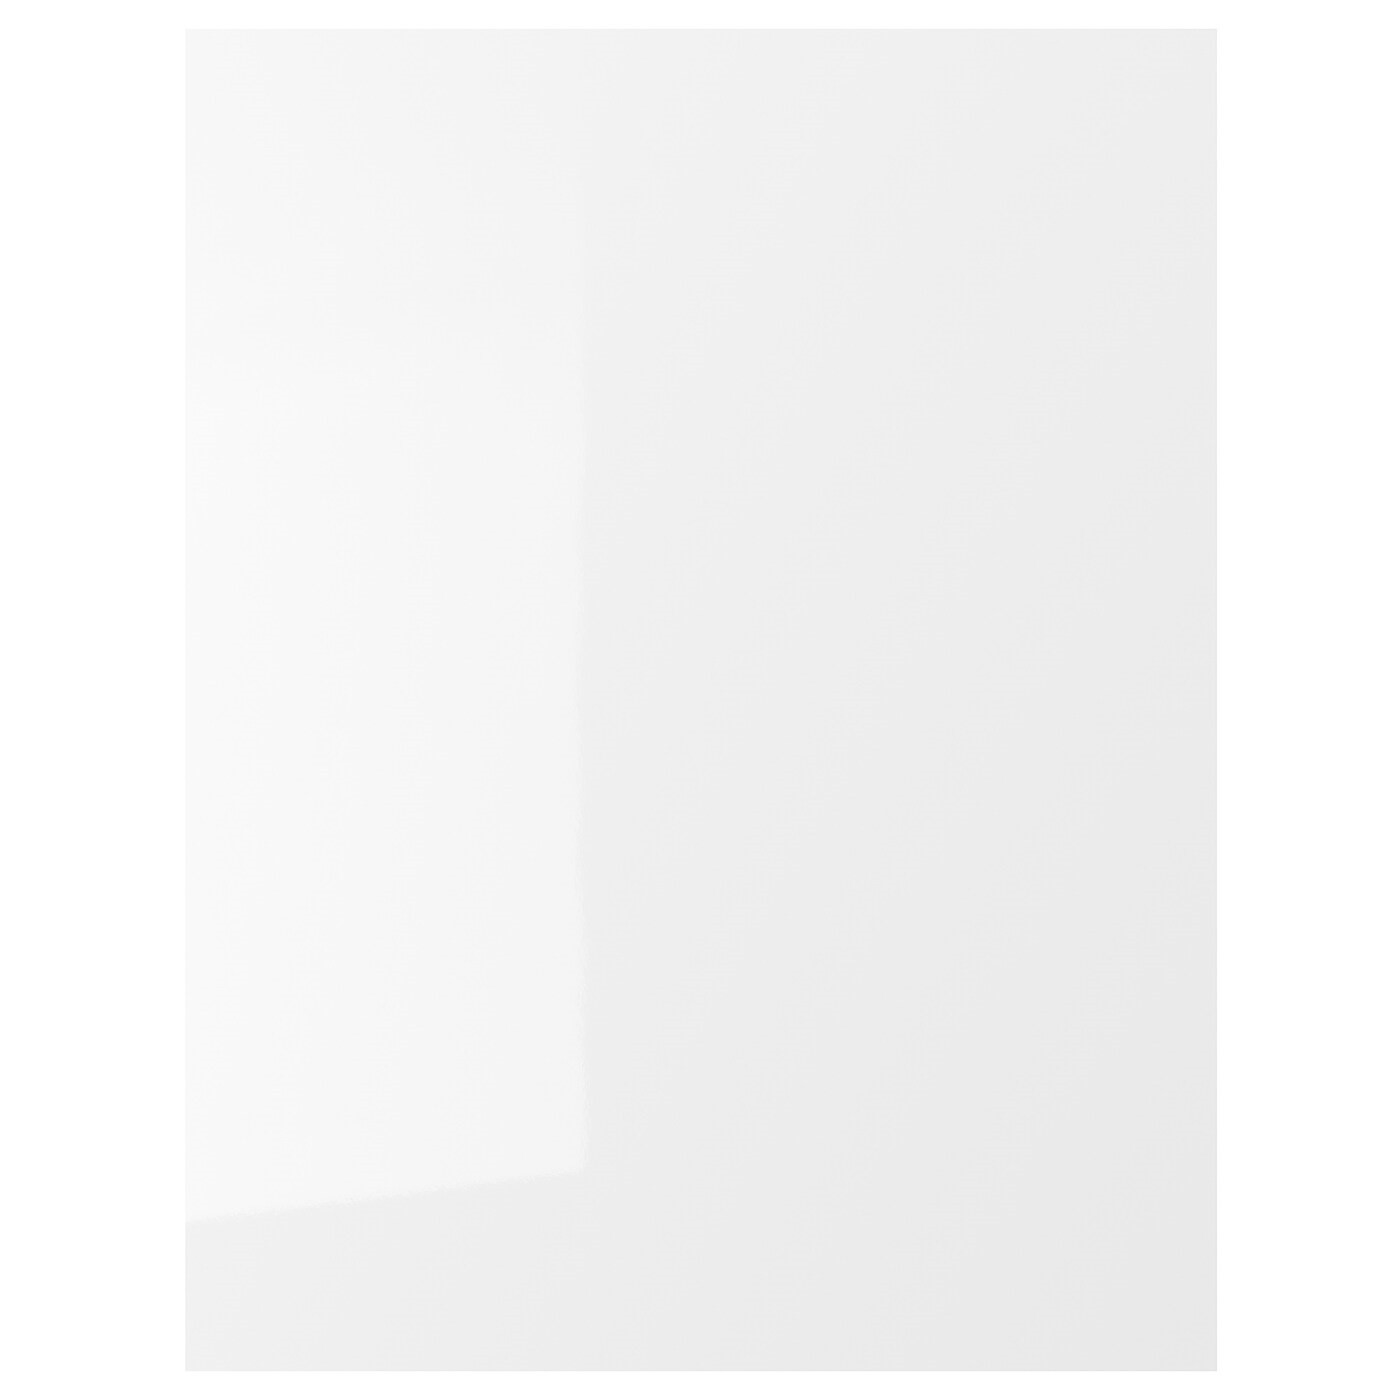 IKEA FÖRBÄTTRA накладная панель глянцевый белый 61.5x80 см 70397479